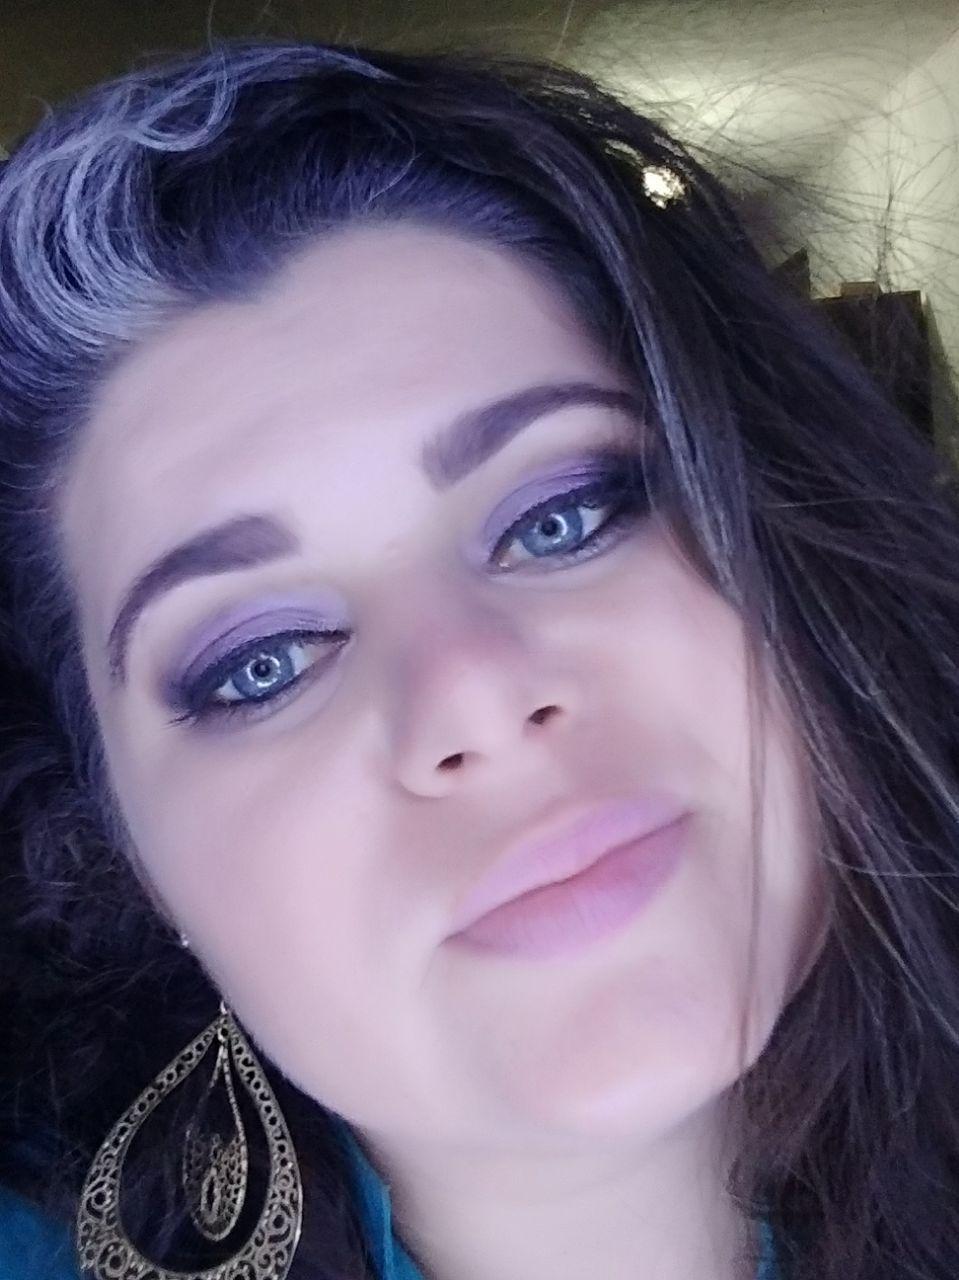 Beleza natural + maquiagem feita com amor = sucesso maquiagem maquiador(a)